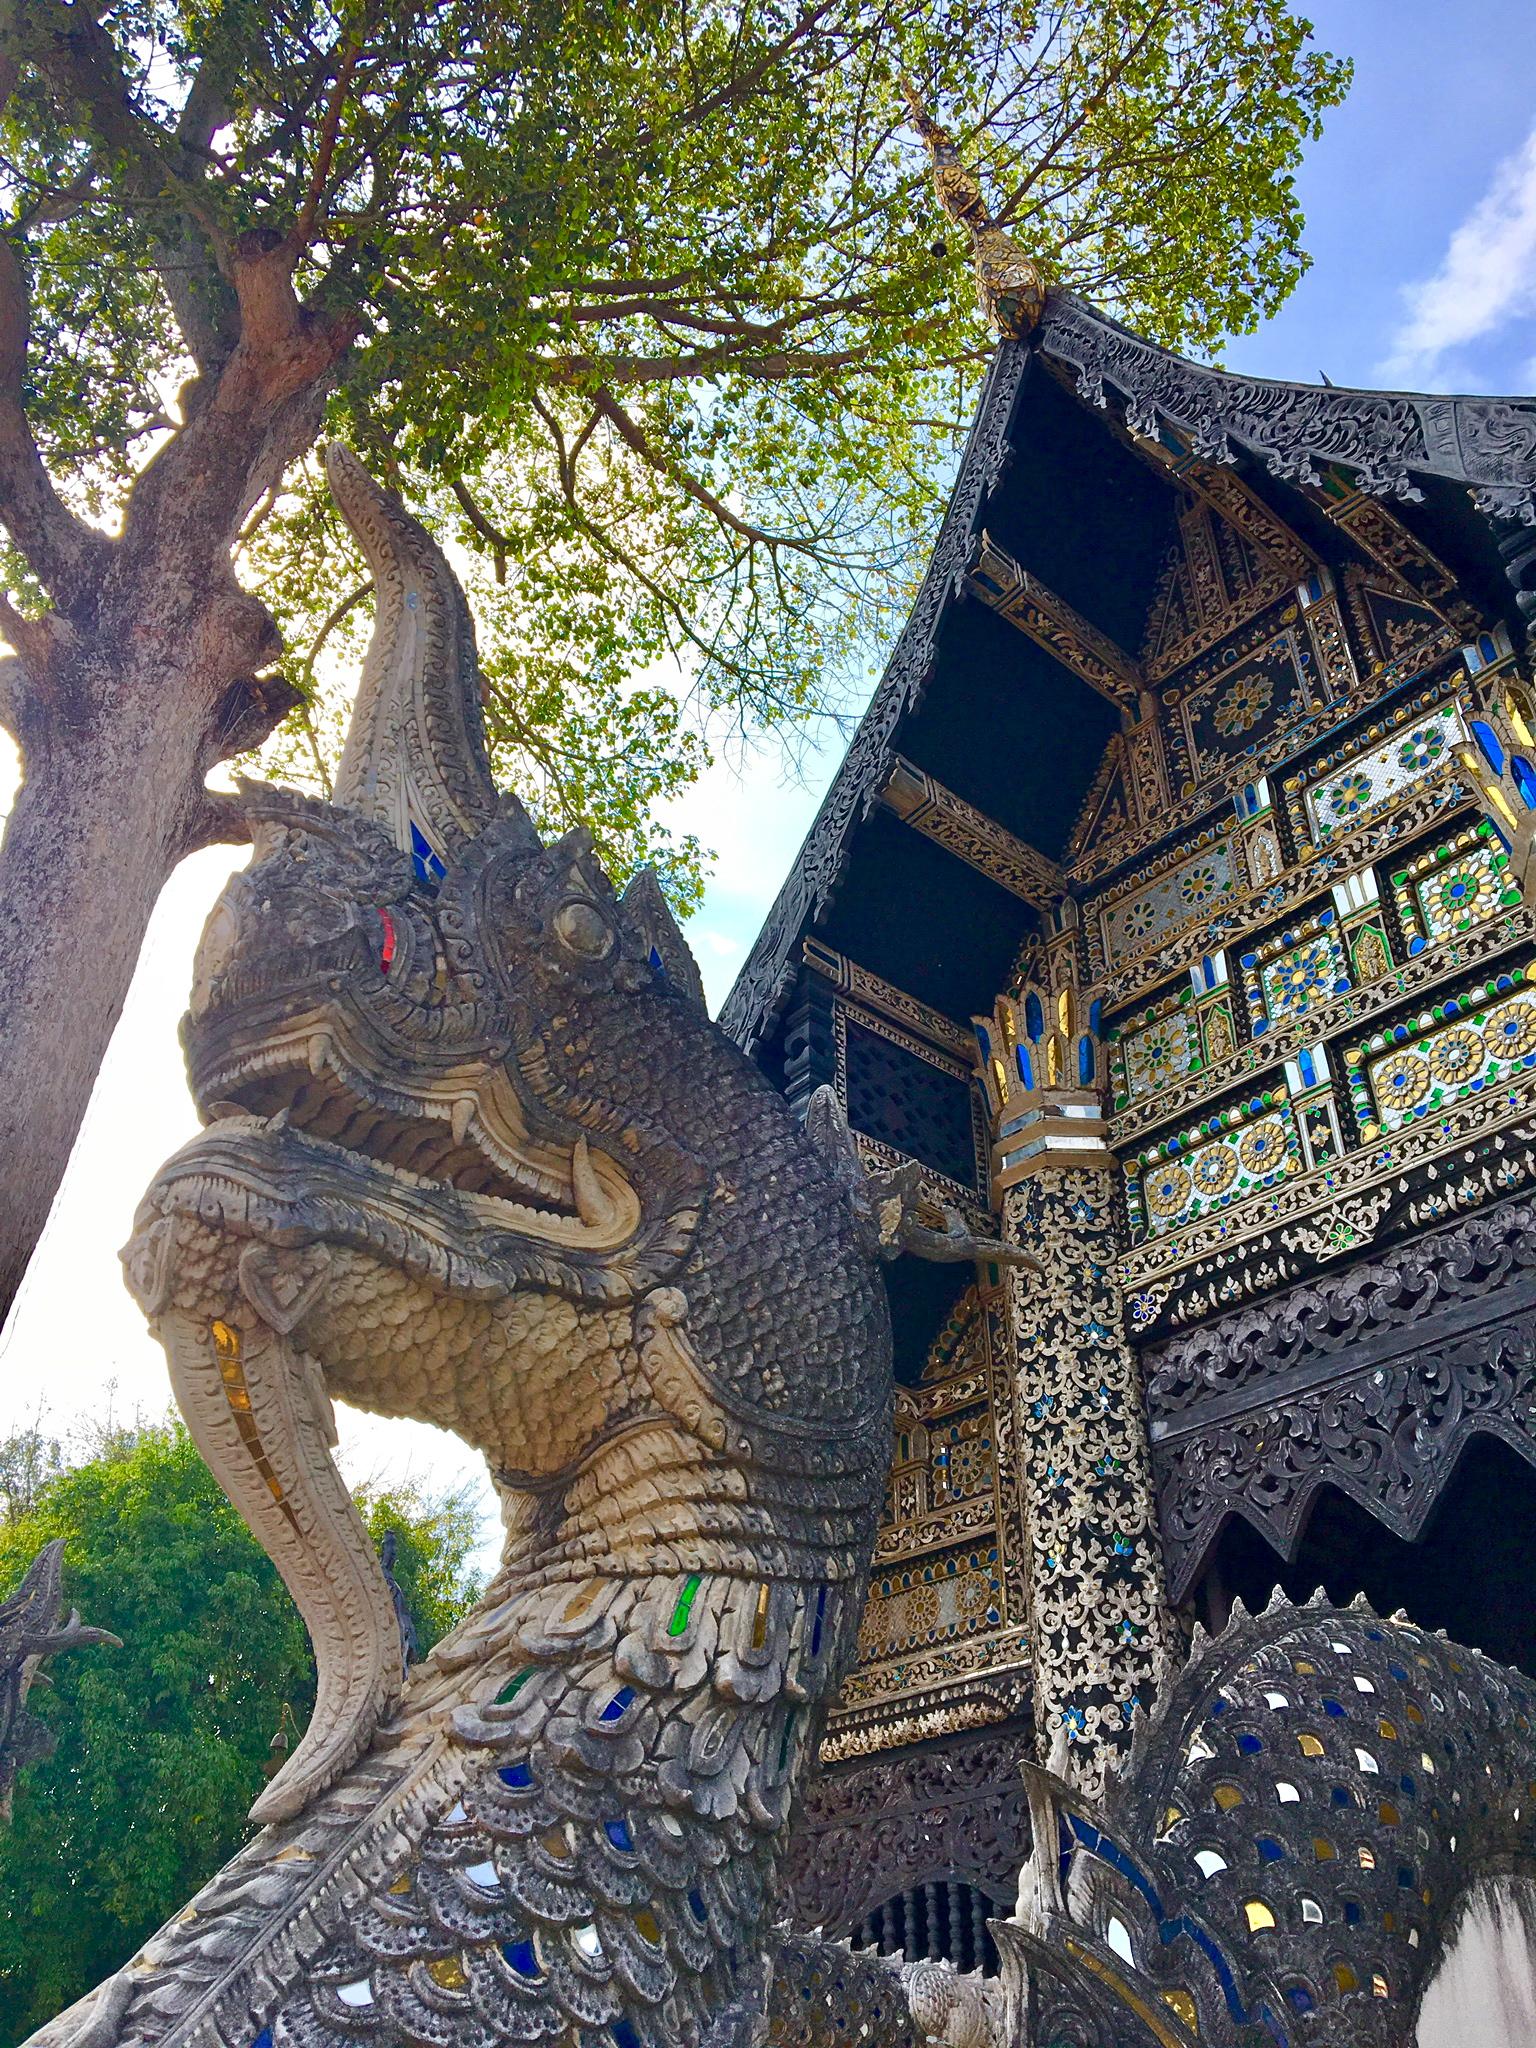 Naga guarding a wooden temple at the Wat Chedi Luang